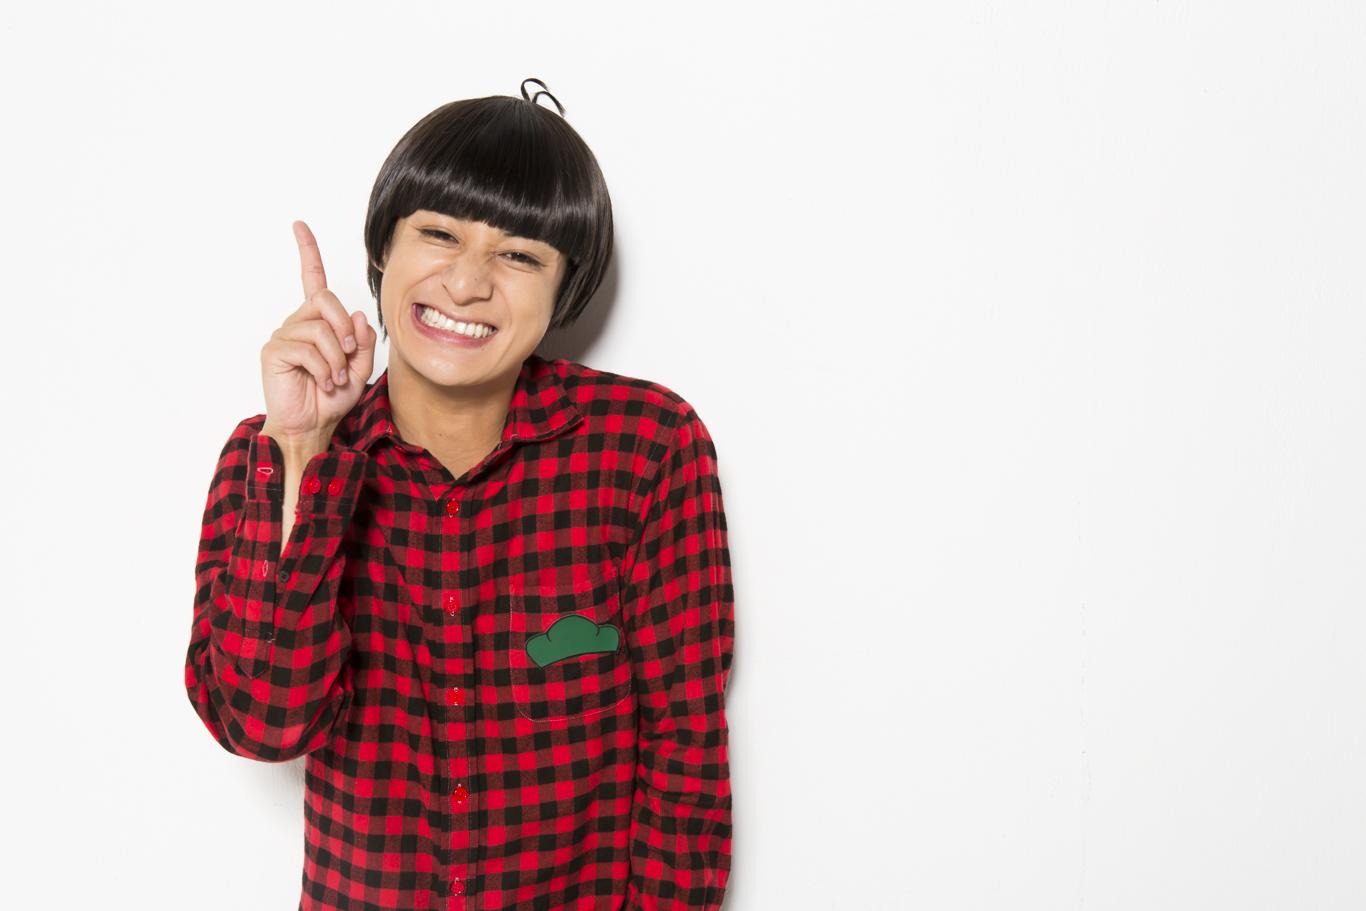 喜劇『おそ松さん』6つ子インタビュー/第1回:高崎翔太(おそ松役)「長男らしく見えていたら、台本のおかげです(笑)」